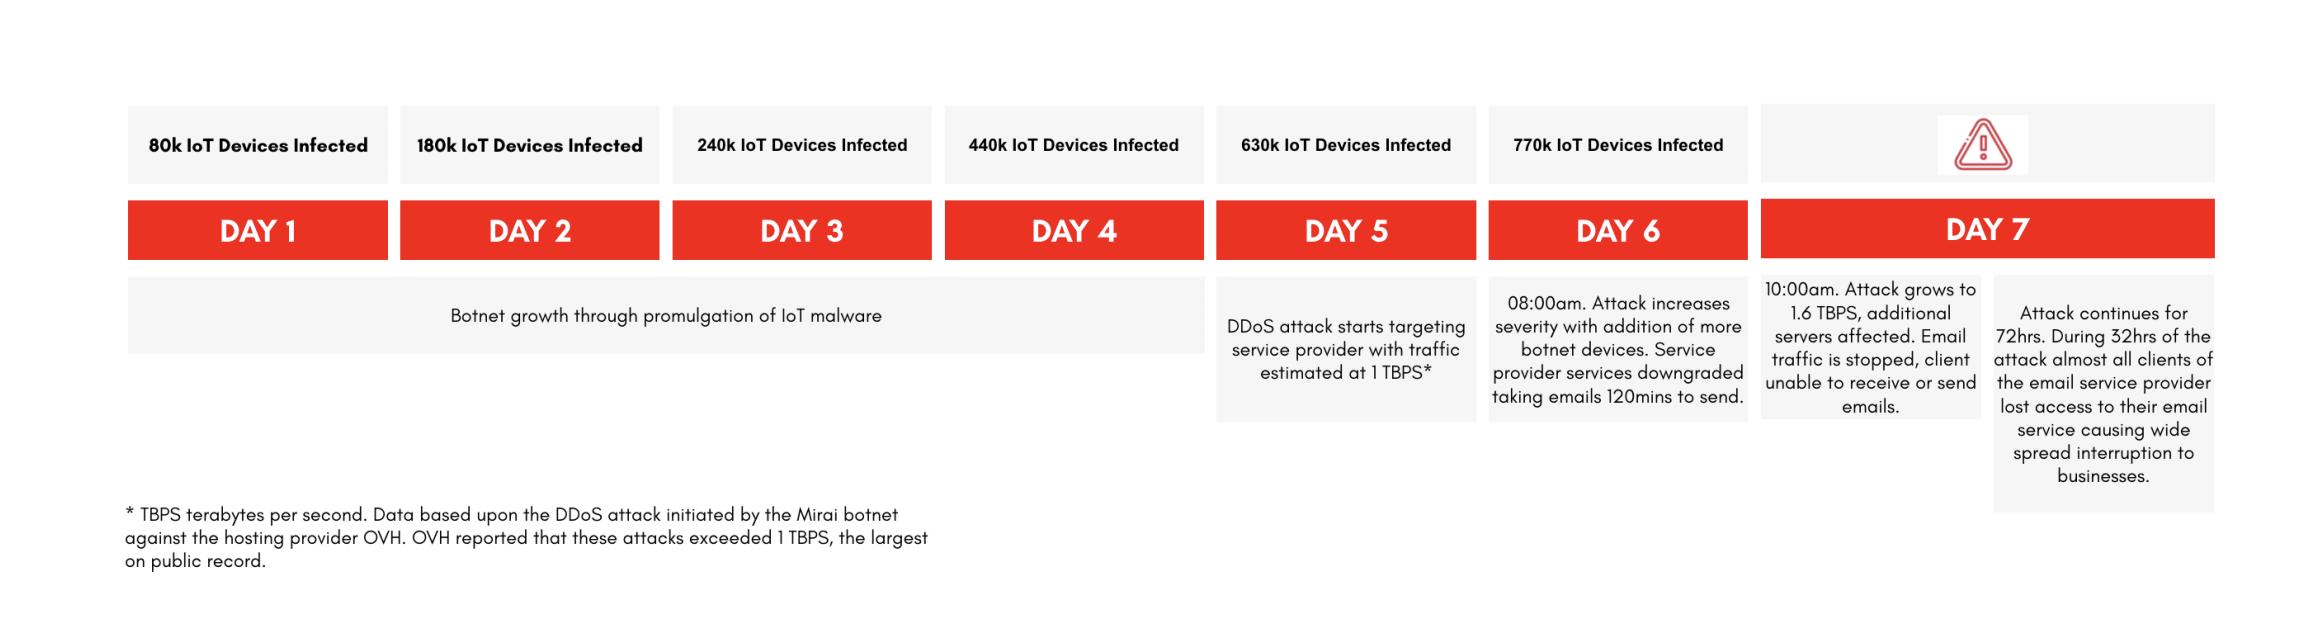 IoT DDoS Attack Methodology